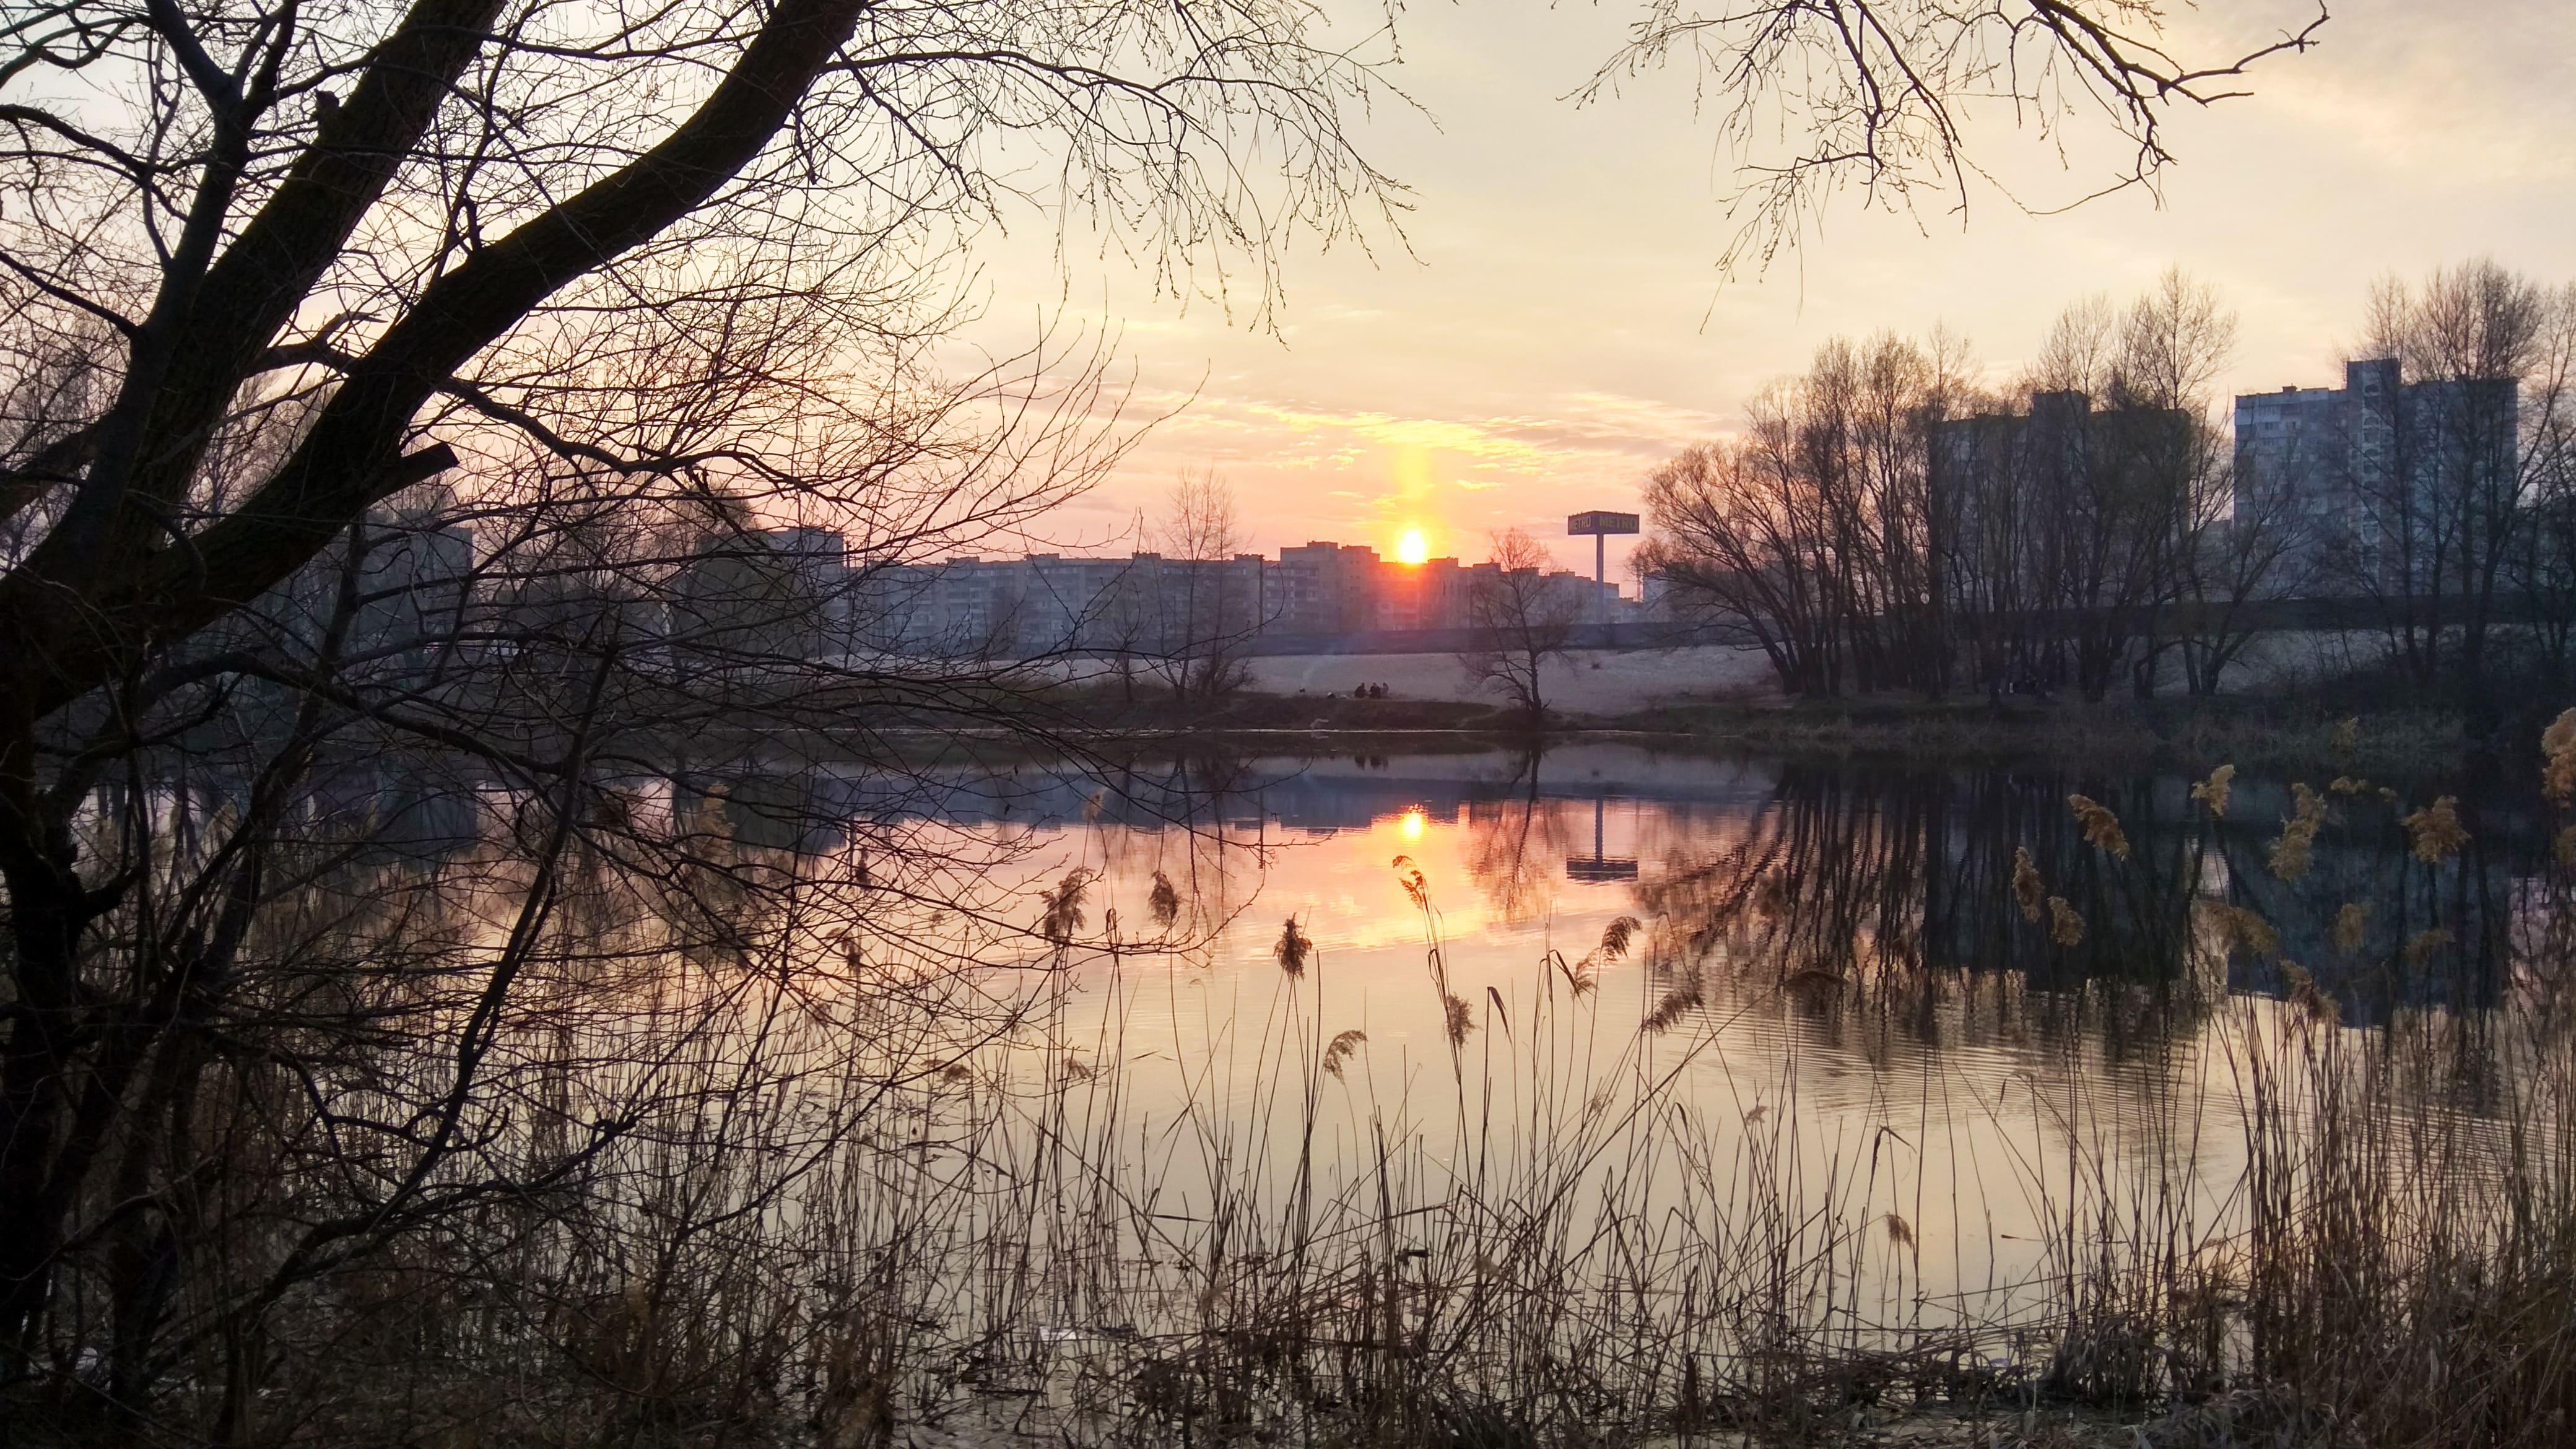 HDoboi.Kiev.ua - Красивый закат в городе Киев, 4k Ultra HD, скачать пейзажи природы обои